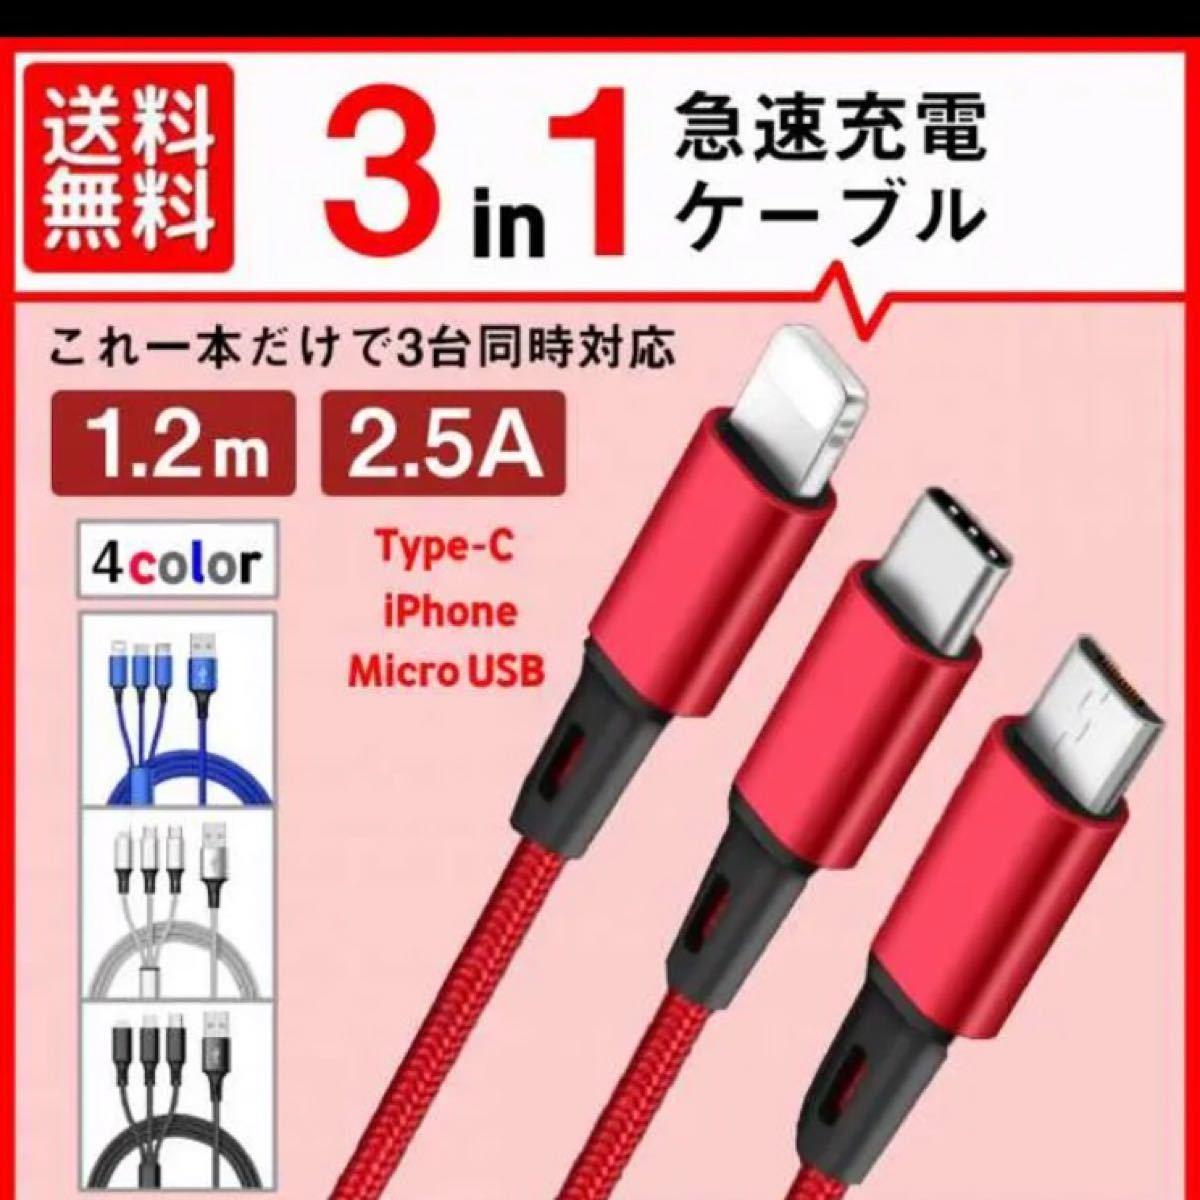 充電ケーブル 急速充電 3in1 iPhone USBケーブル レッド Type-C USB 3本